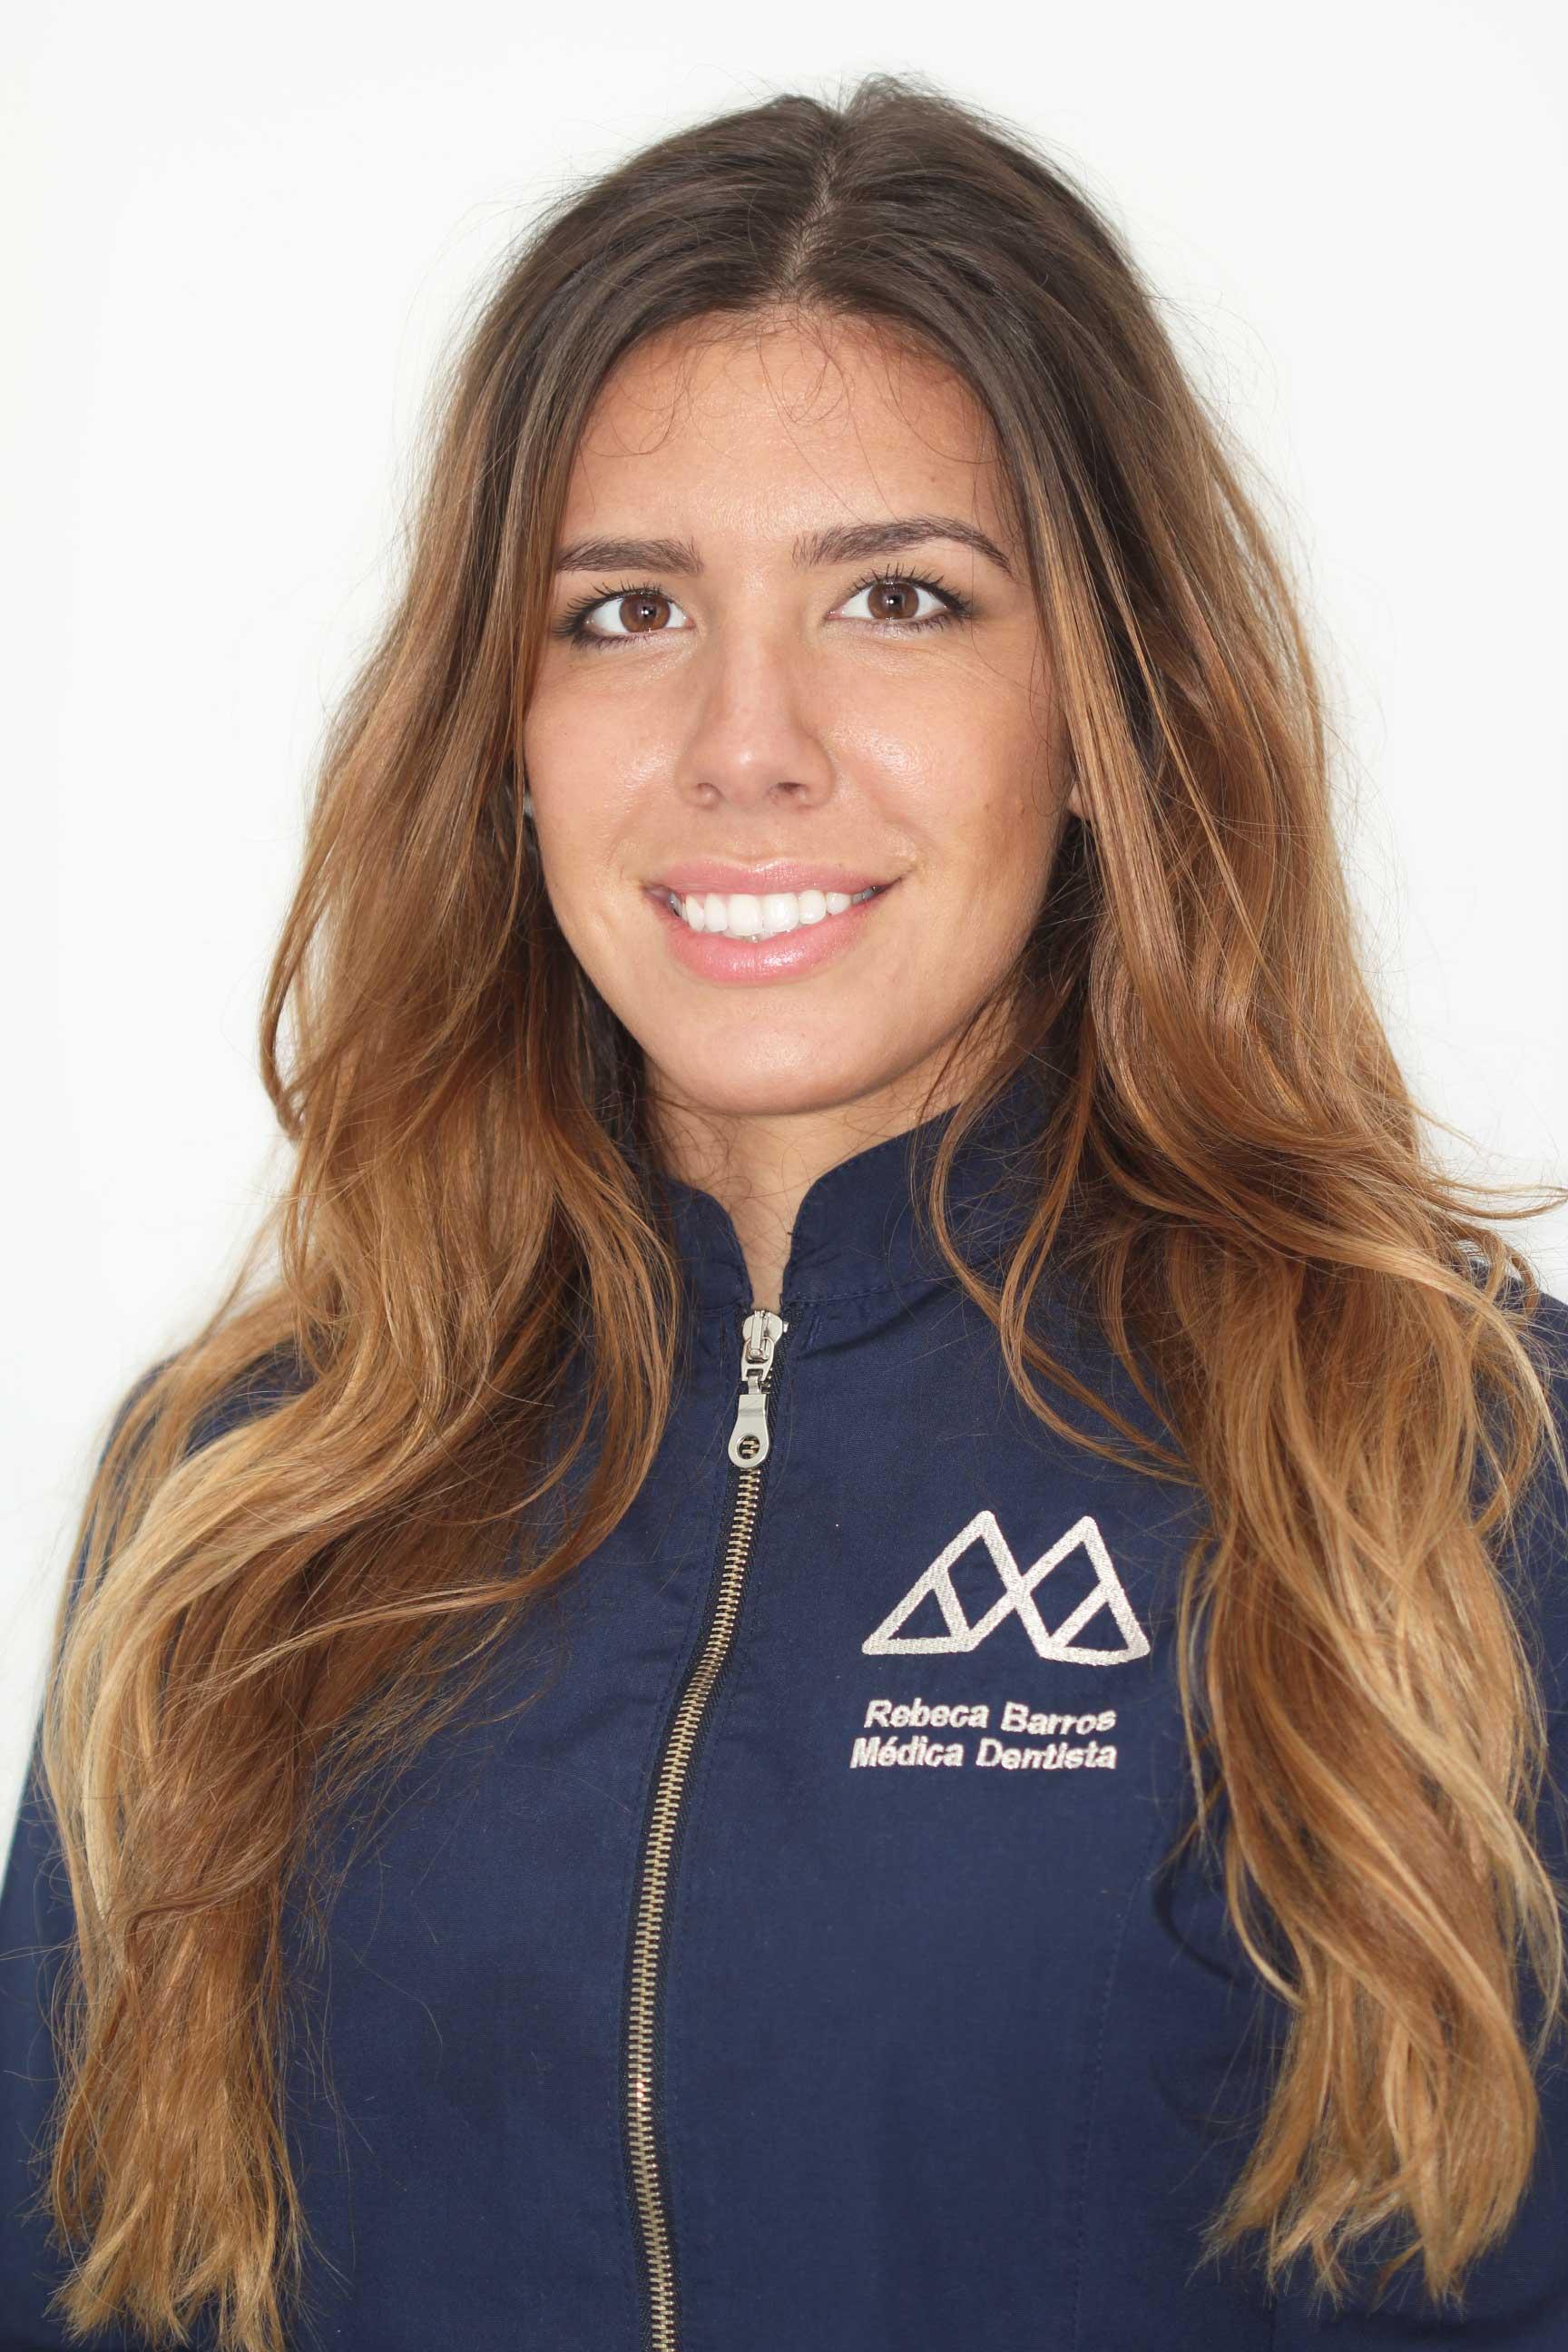 Dra. Rebeca Barros Centro Especializado em Medicina Dentária